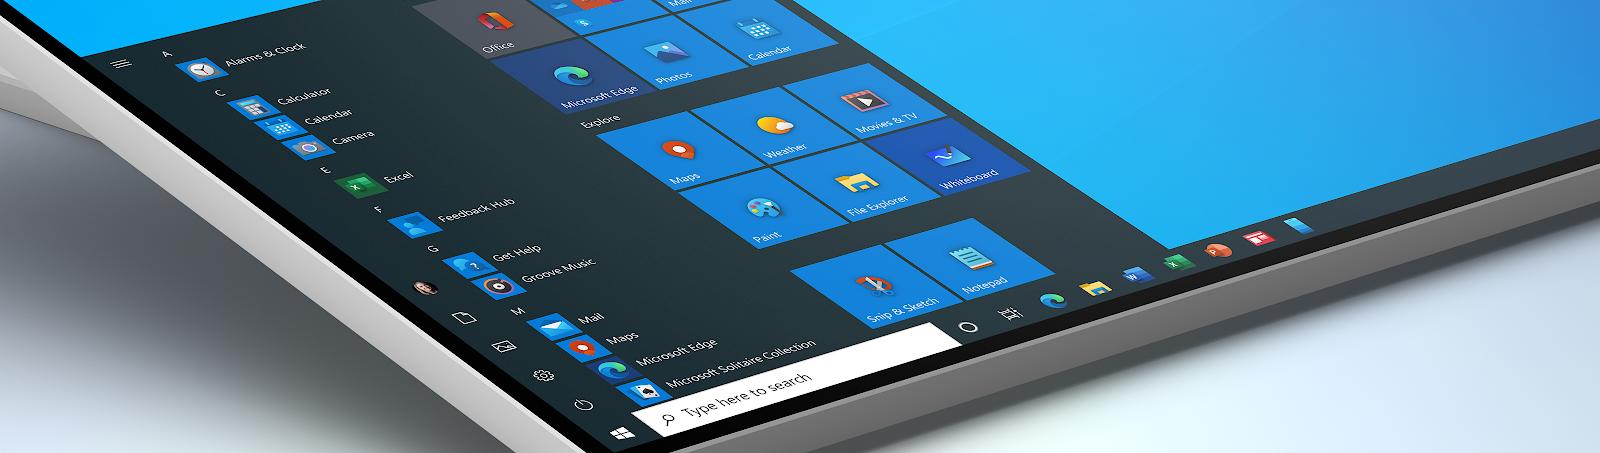 Le nuove icone di Windows 10 anche nella versione stabile (1909)